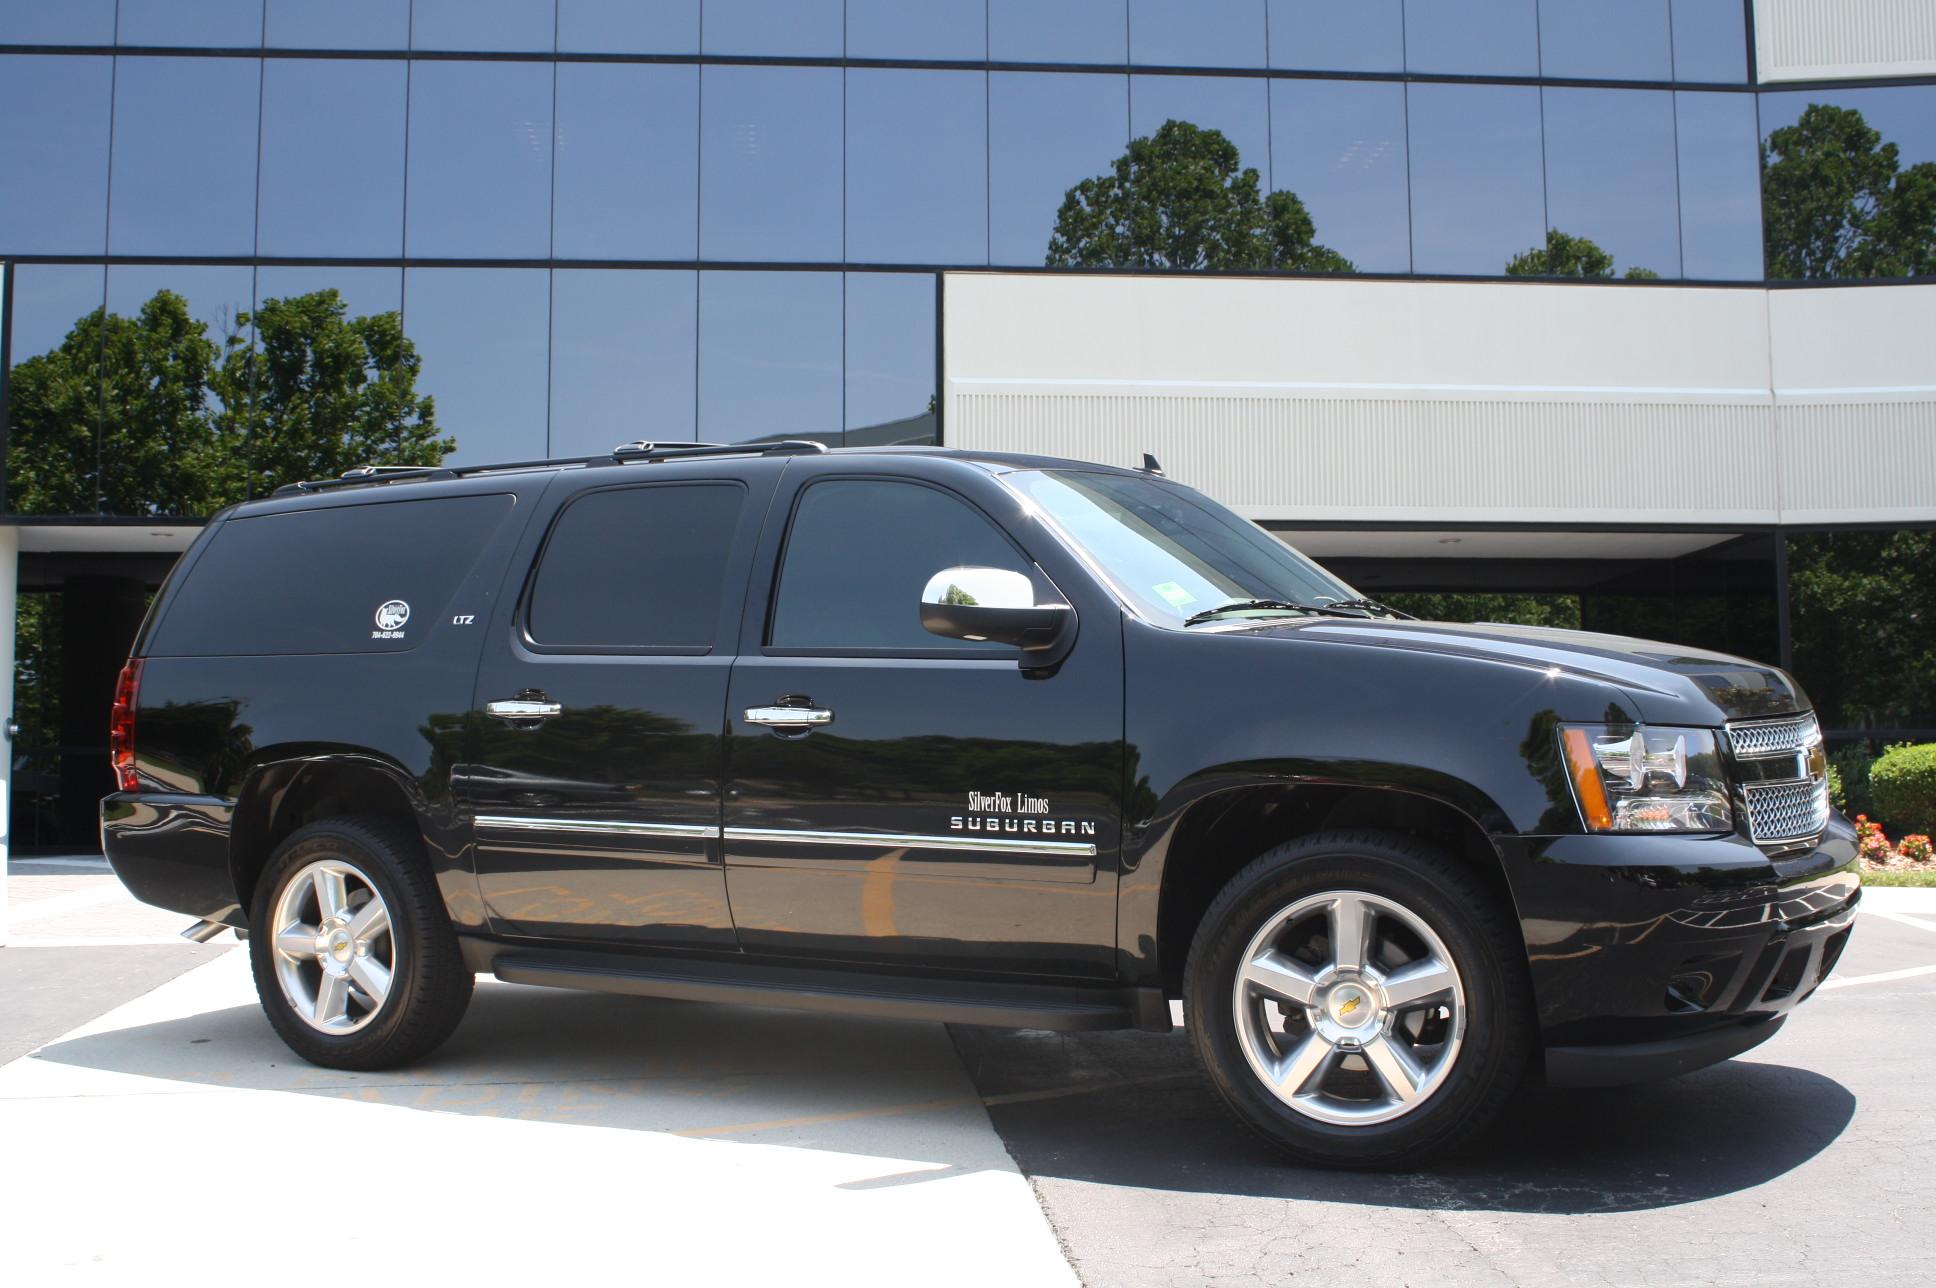 Chevrolet 2011 chevrolet suburban 2011 chevrolet suburban image 18